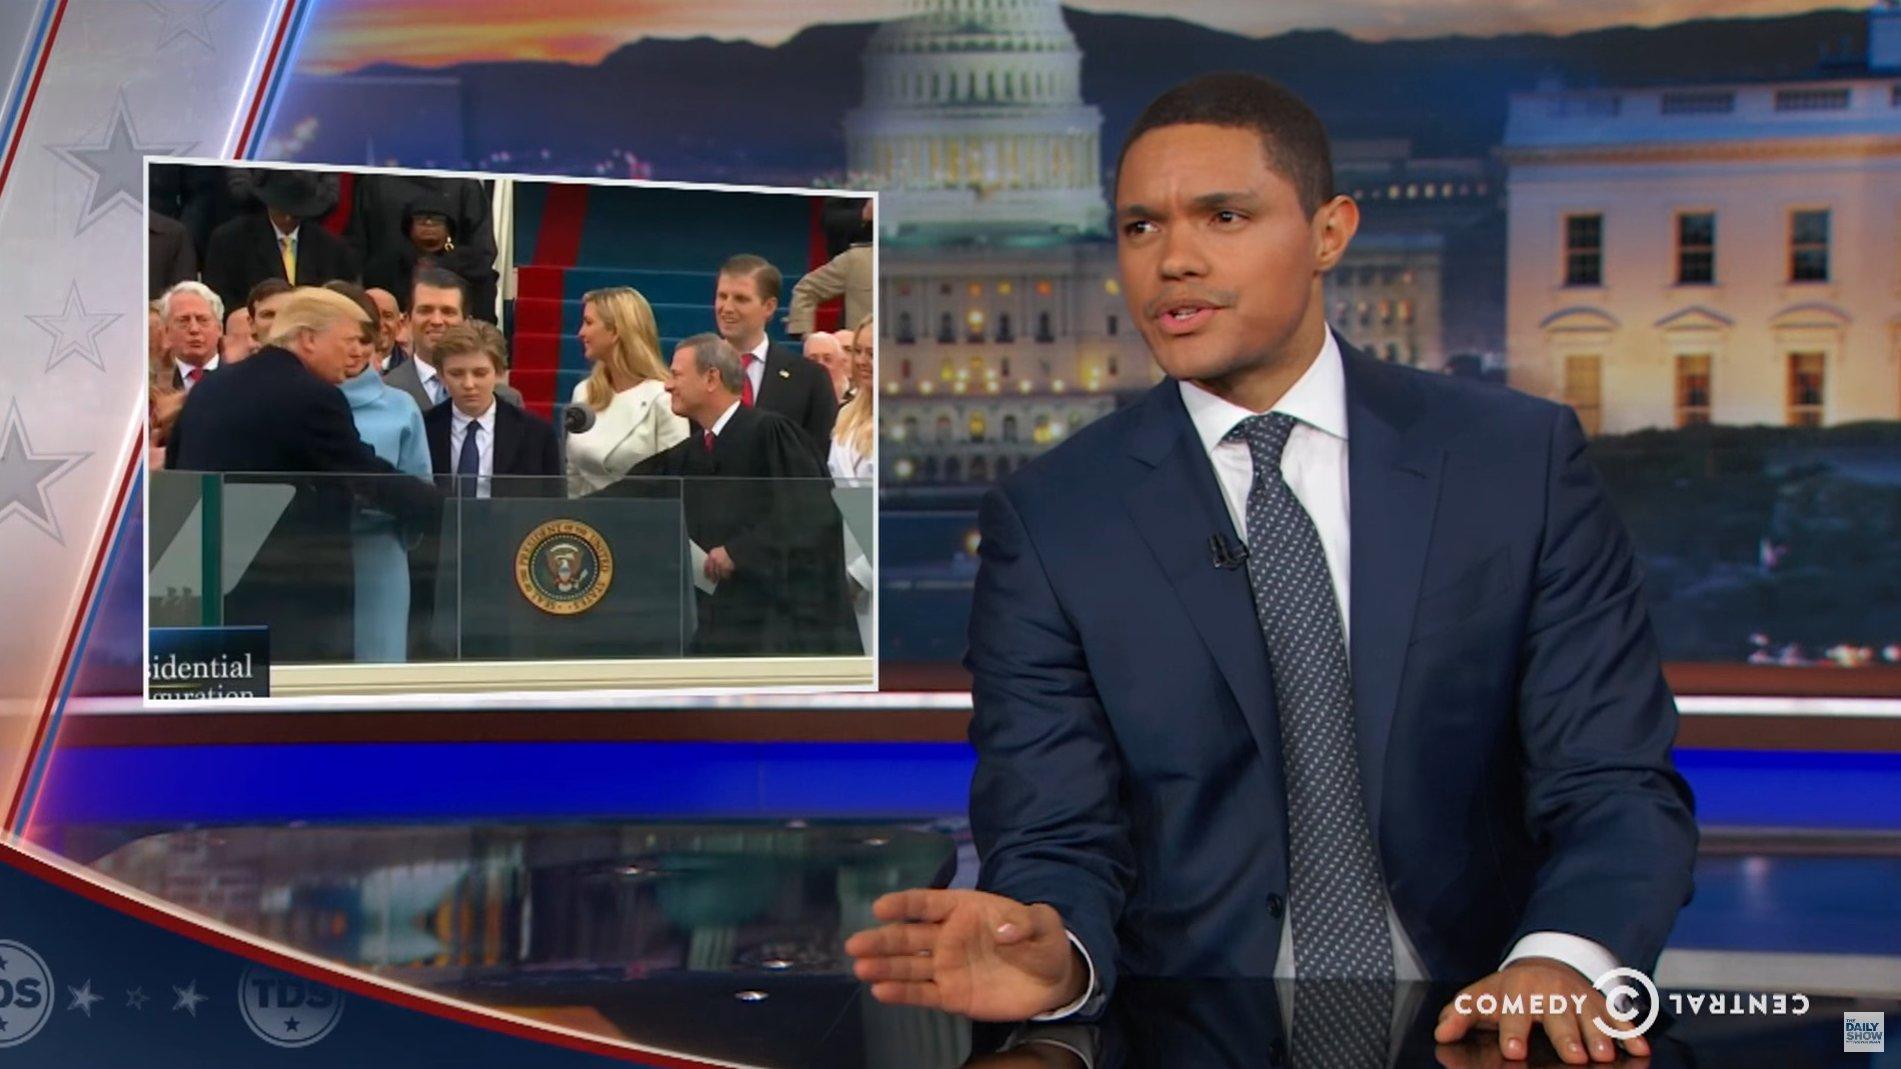 Leider kein Disney-Film: The Daily Show über Trumps Amtseinführung